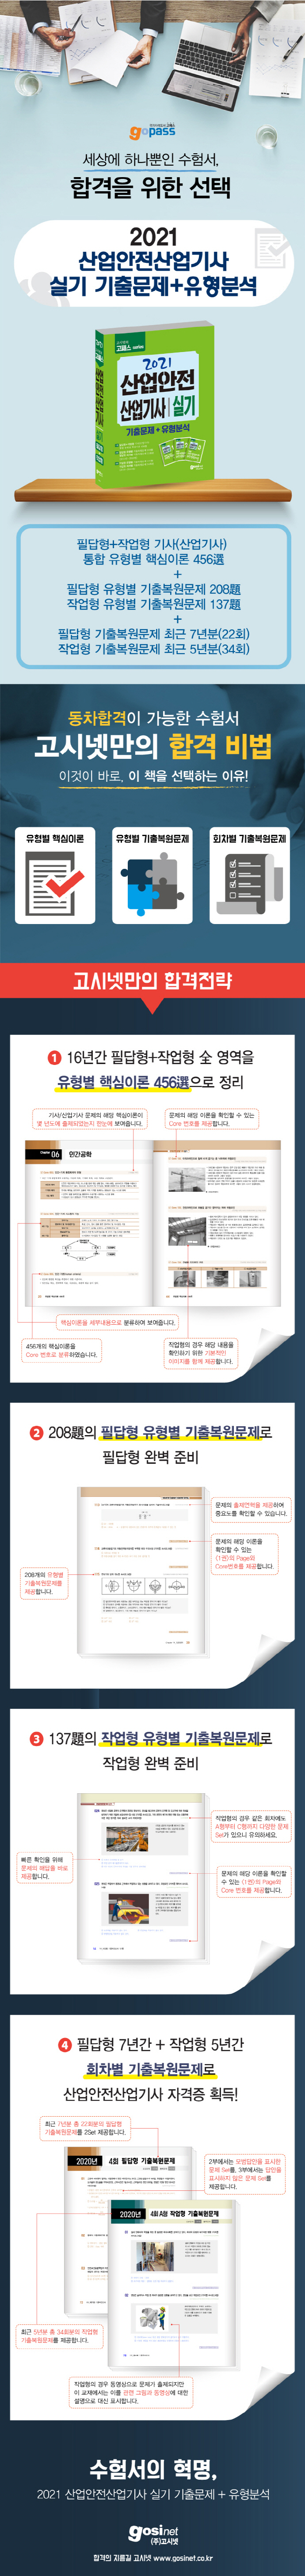 산업안전산업기사 실기 기출문제+유형분석(2021)(고패스 시리즈) 도서 상세이미지